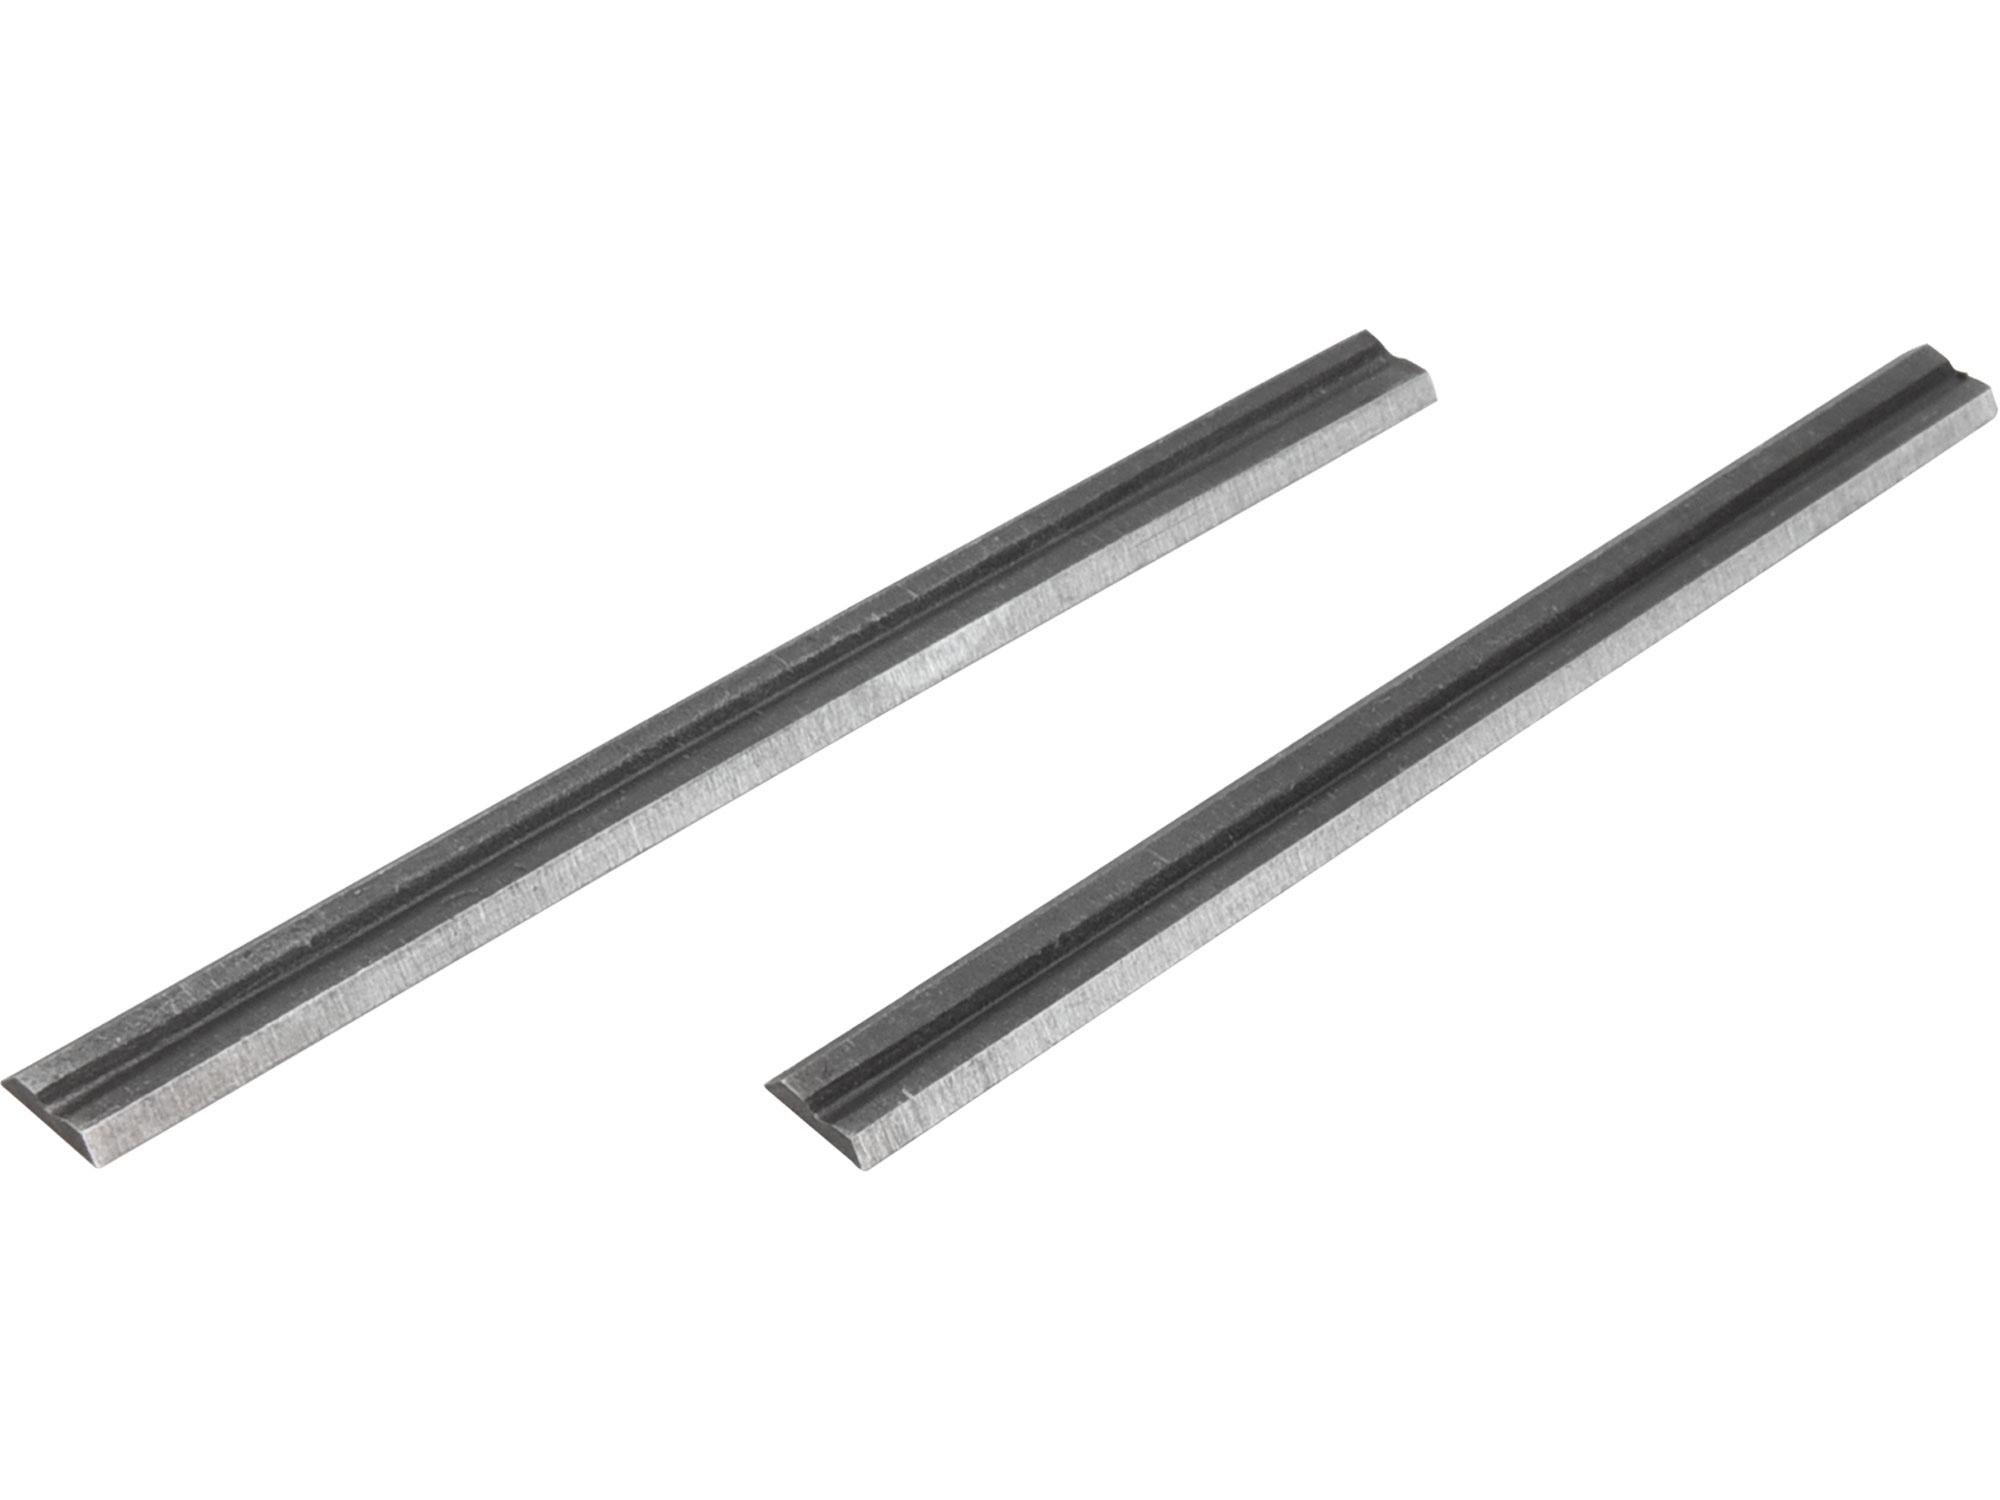 HSS hoblovací nože 2ks, 82x5,7x1mm